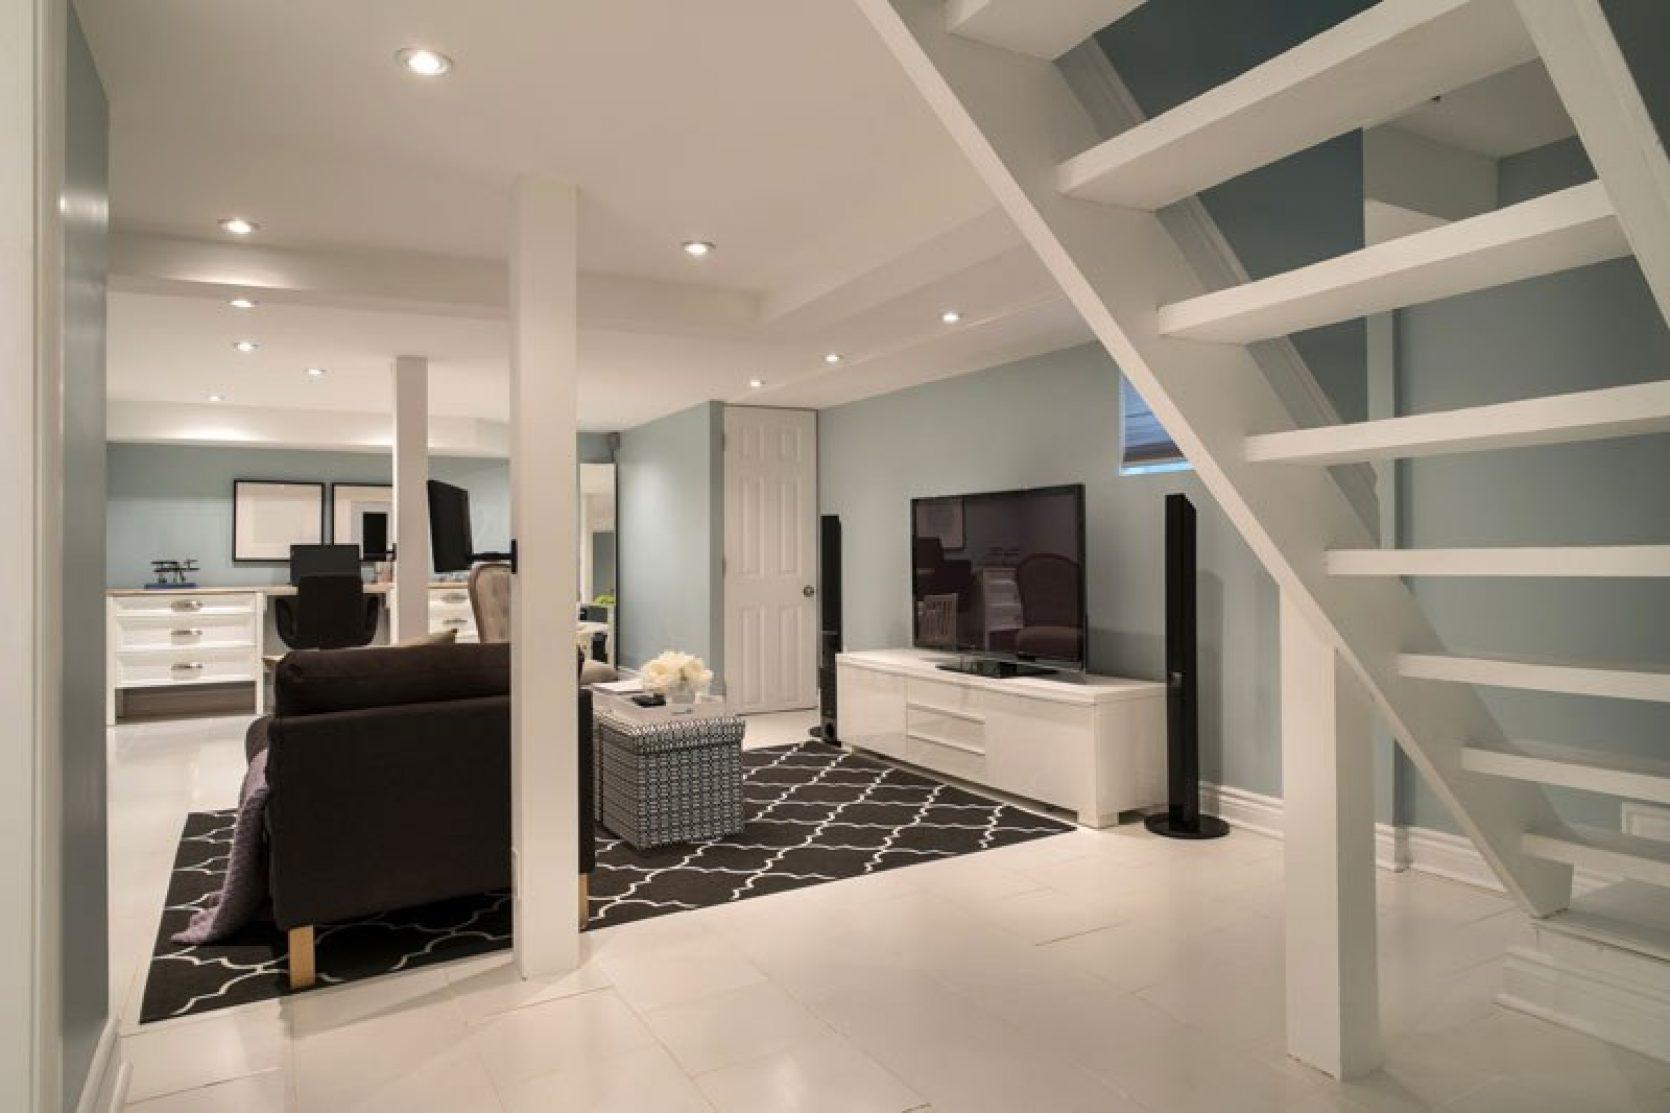 Trapp ned til kjeller, lyse farger og pent interiør